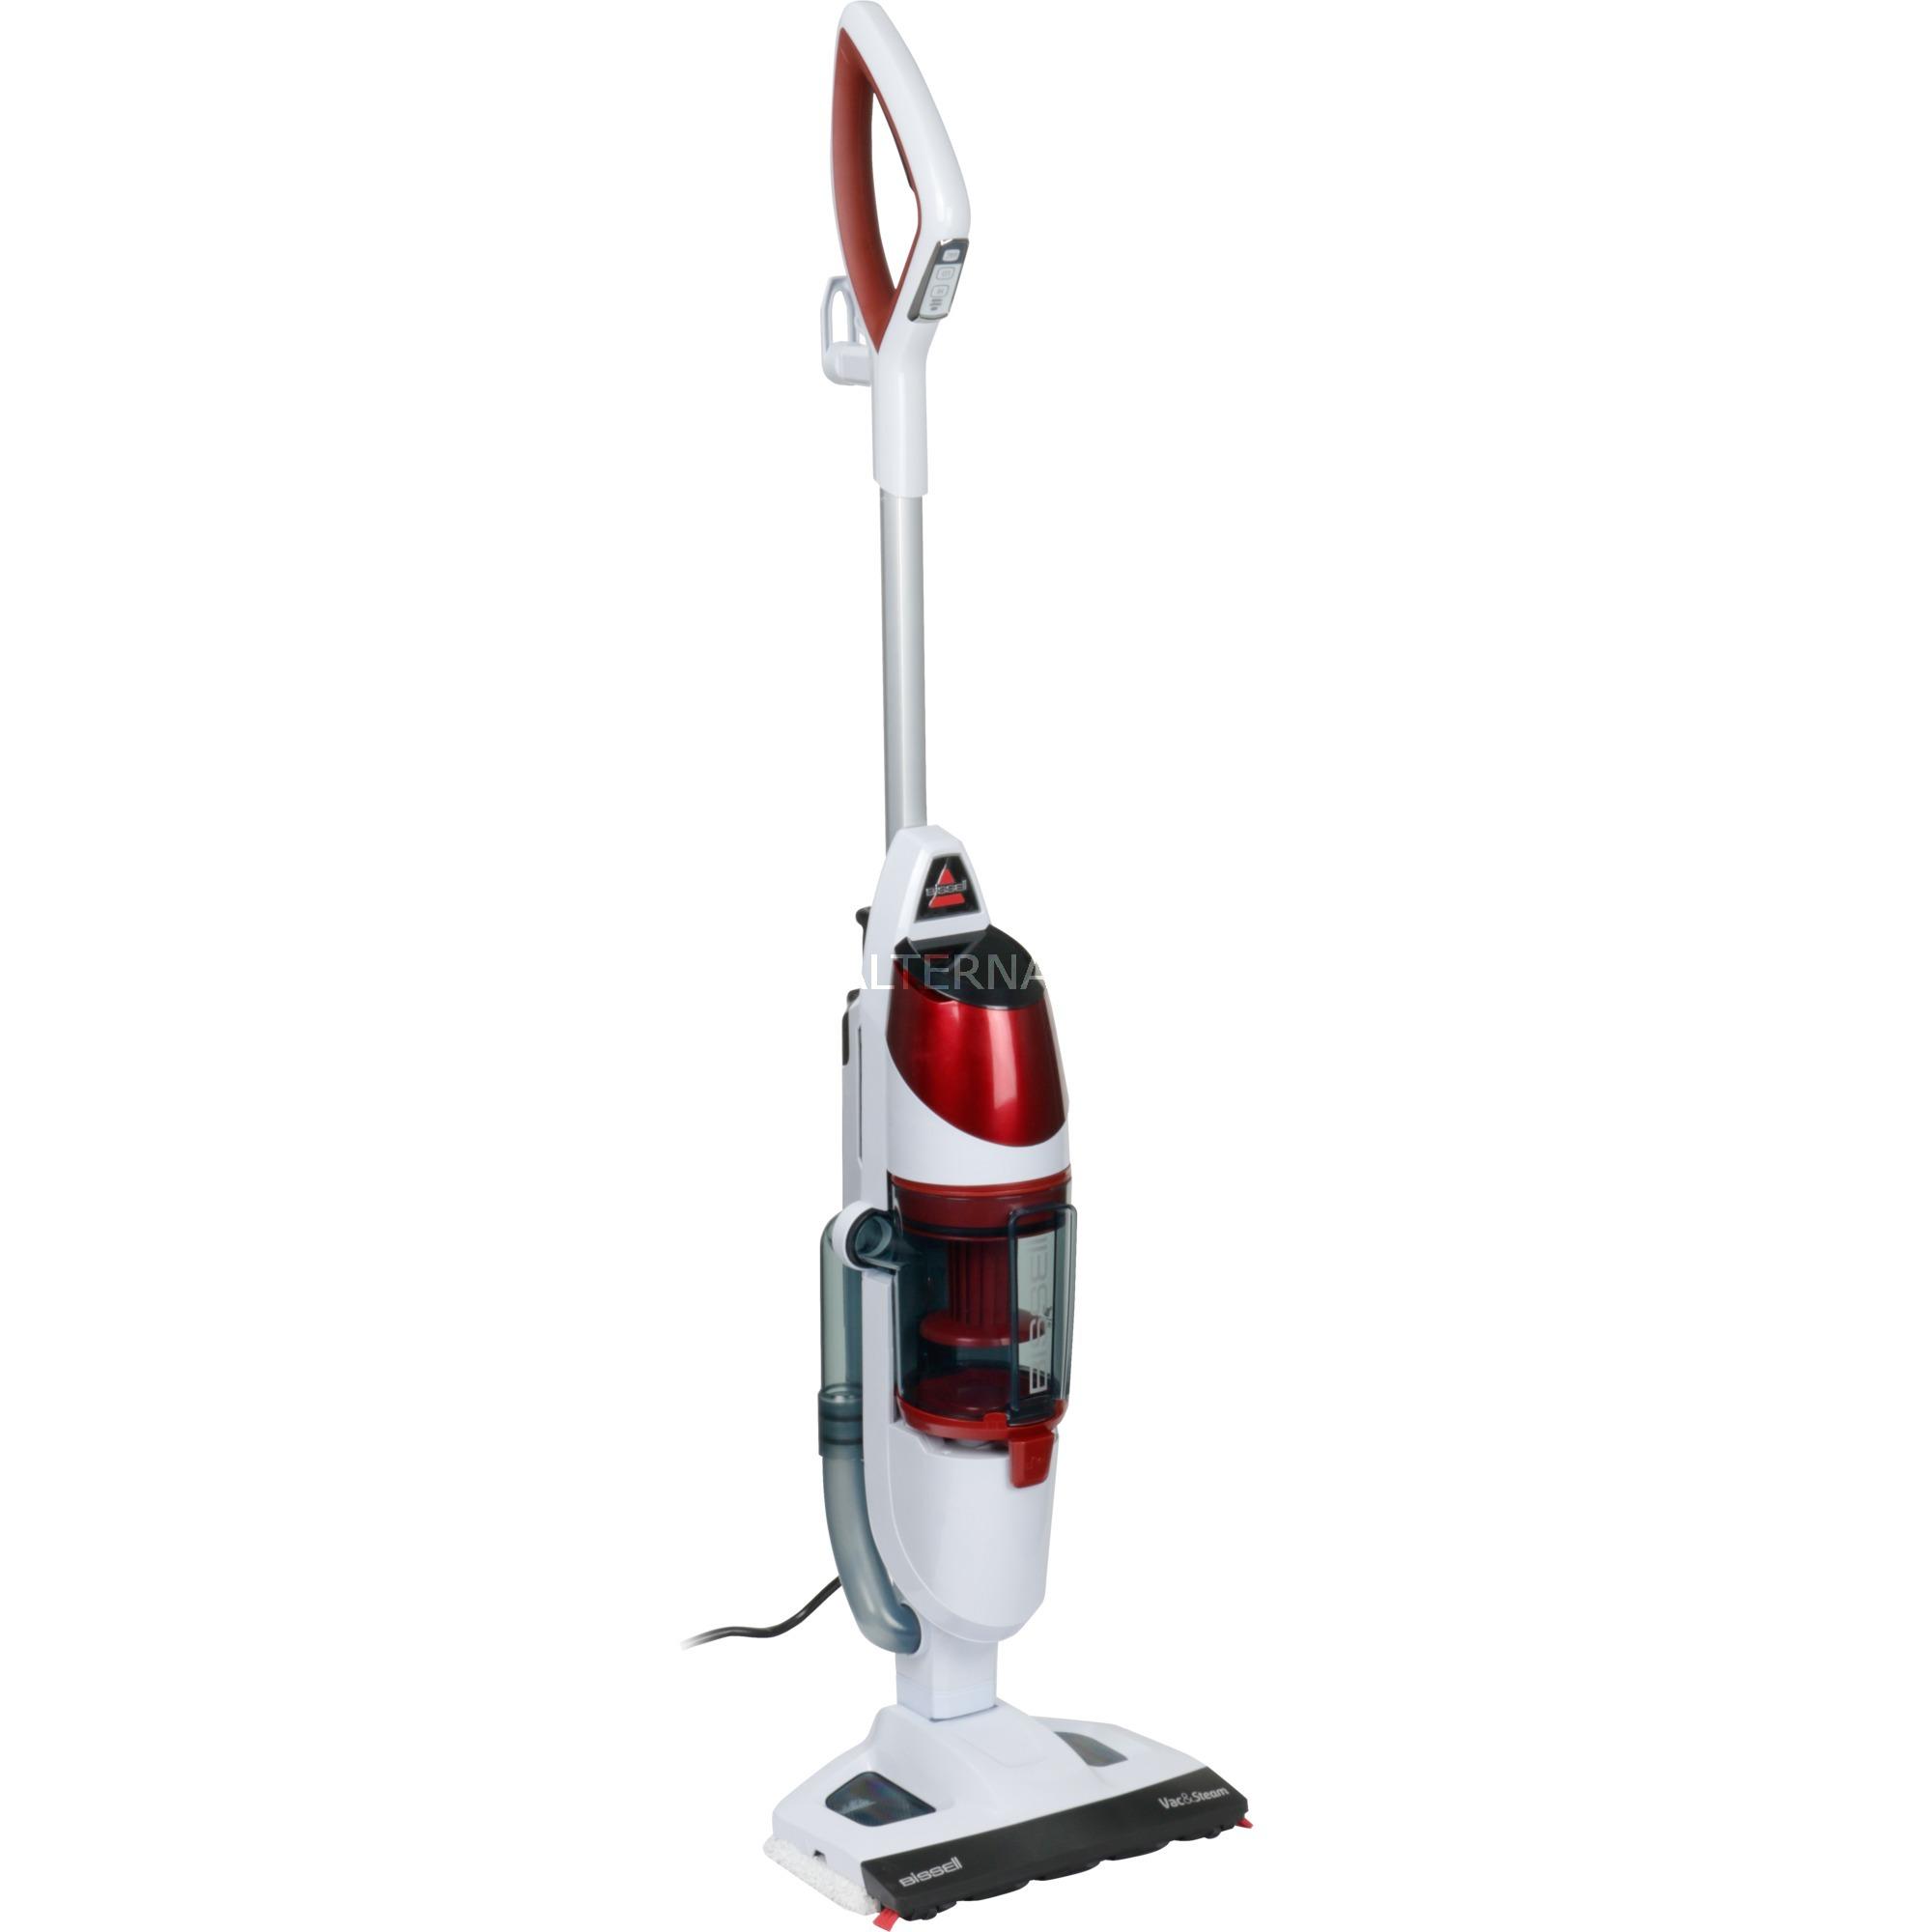 Vac & Steam Escoba limpiadora a vapor 0,38 L Rojo, Blanco 1600 W, Aspiradora en húmedo y en seco